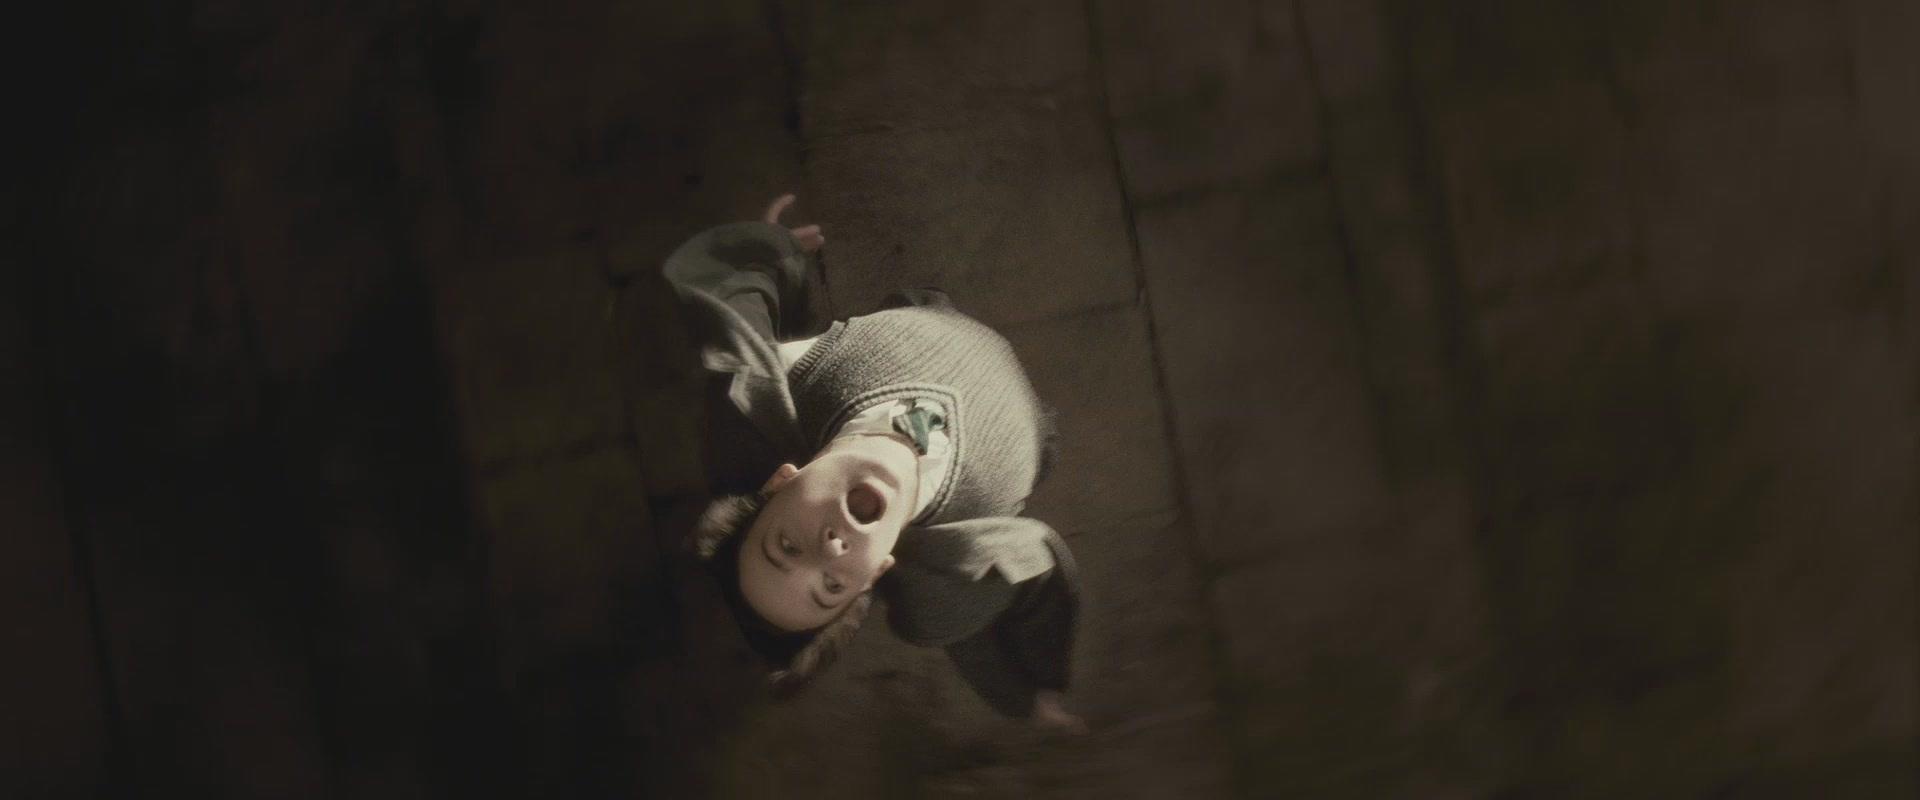 Horcrux - Harry Potter...